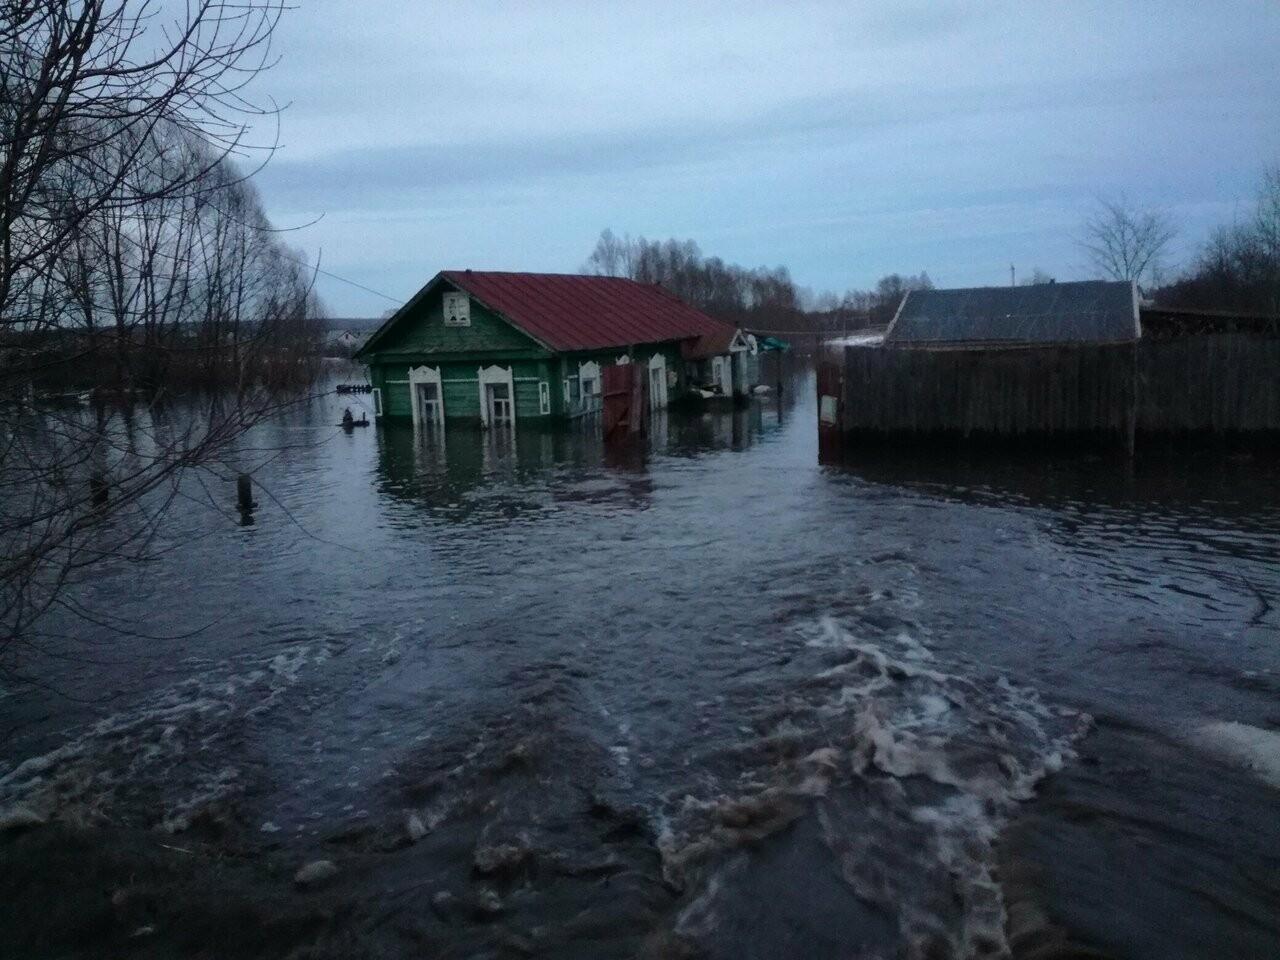 Частный сектор в Моршанске уходит под воду, фото-1